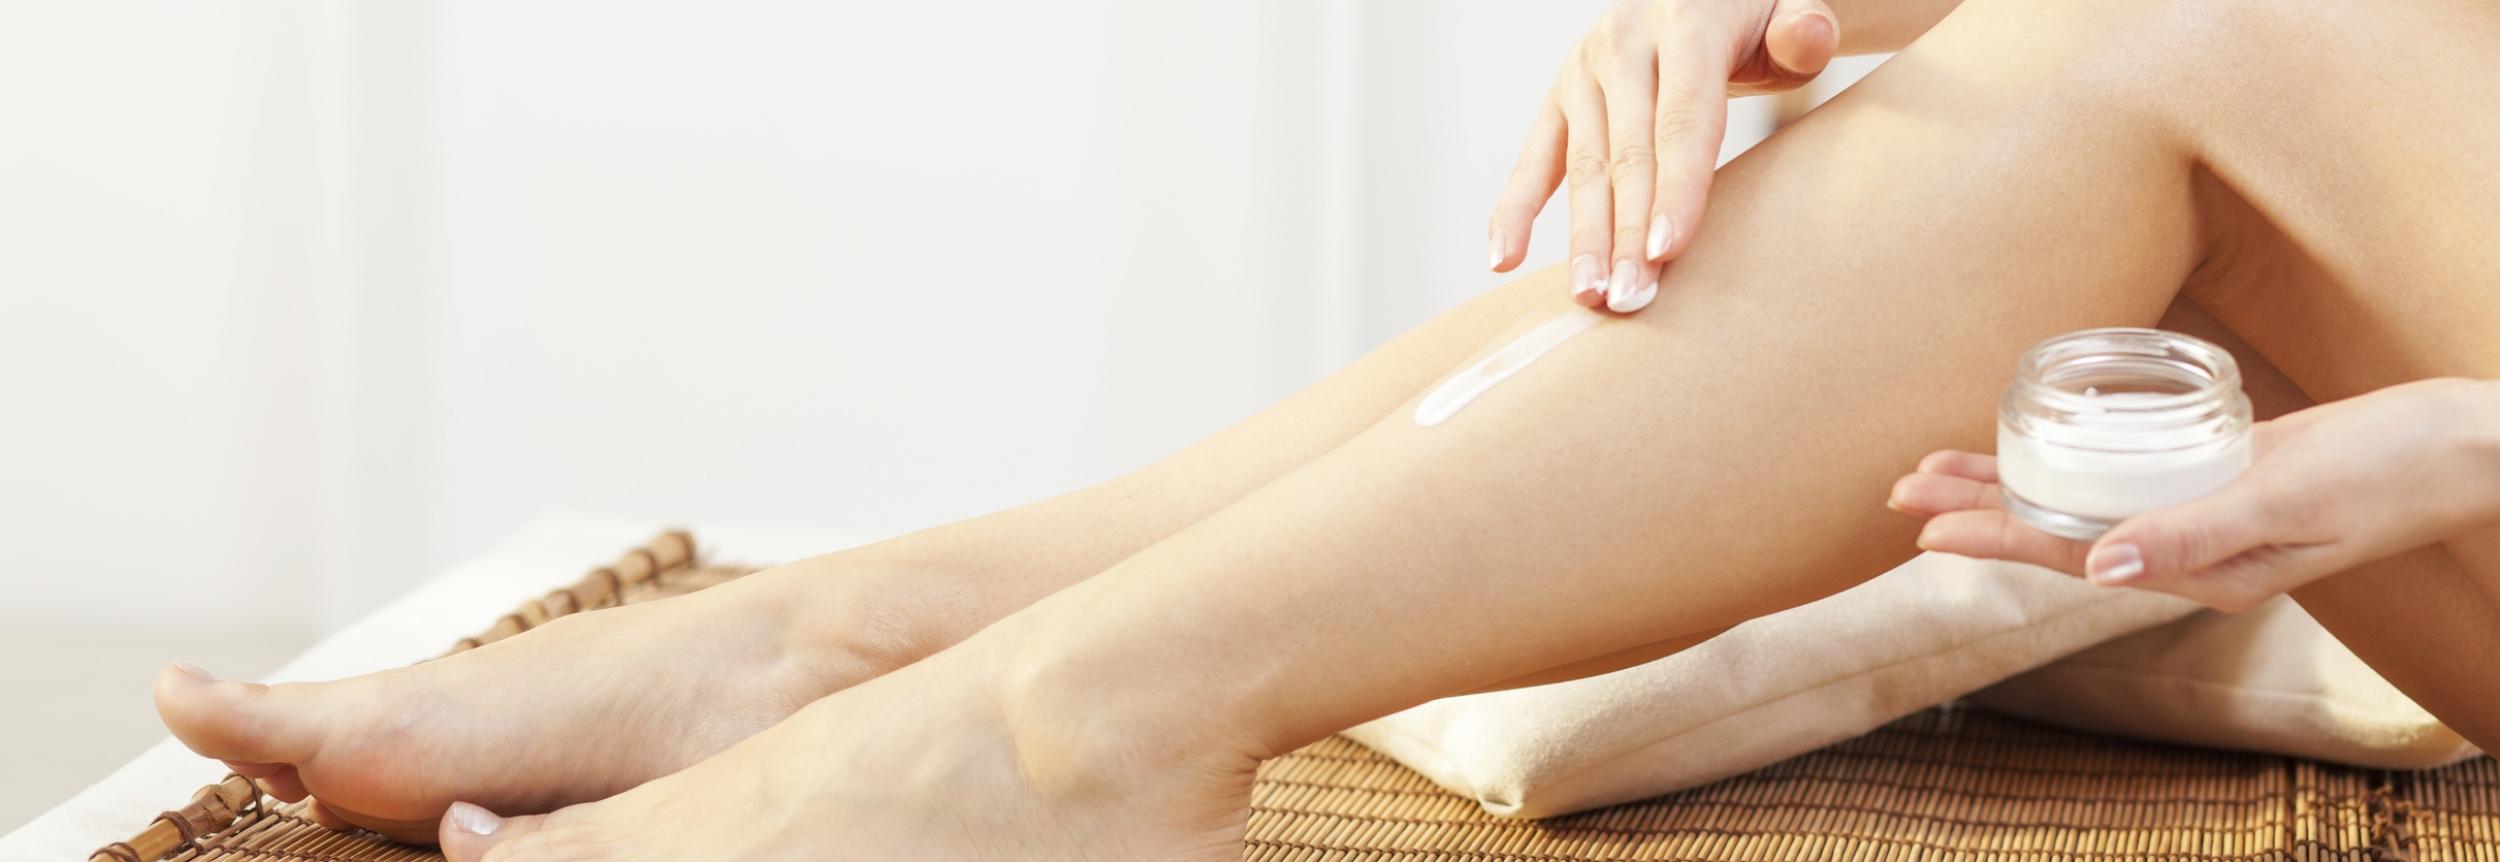 woman-legs-relaxation-beauty.jpg